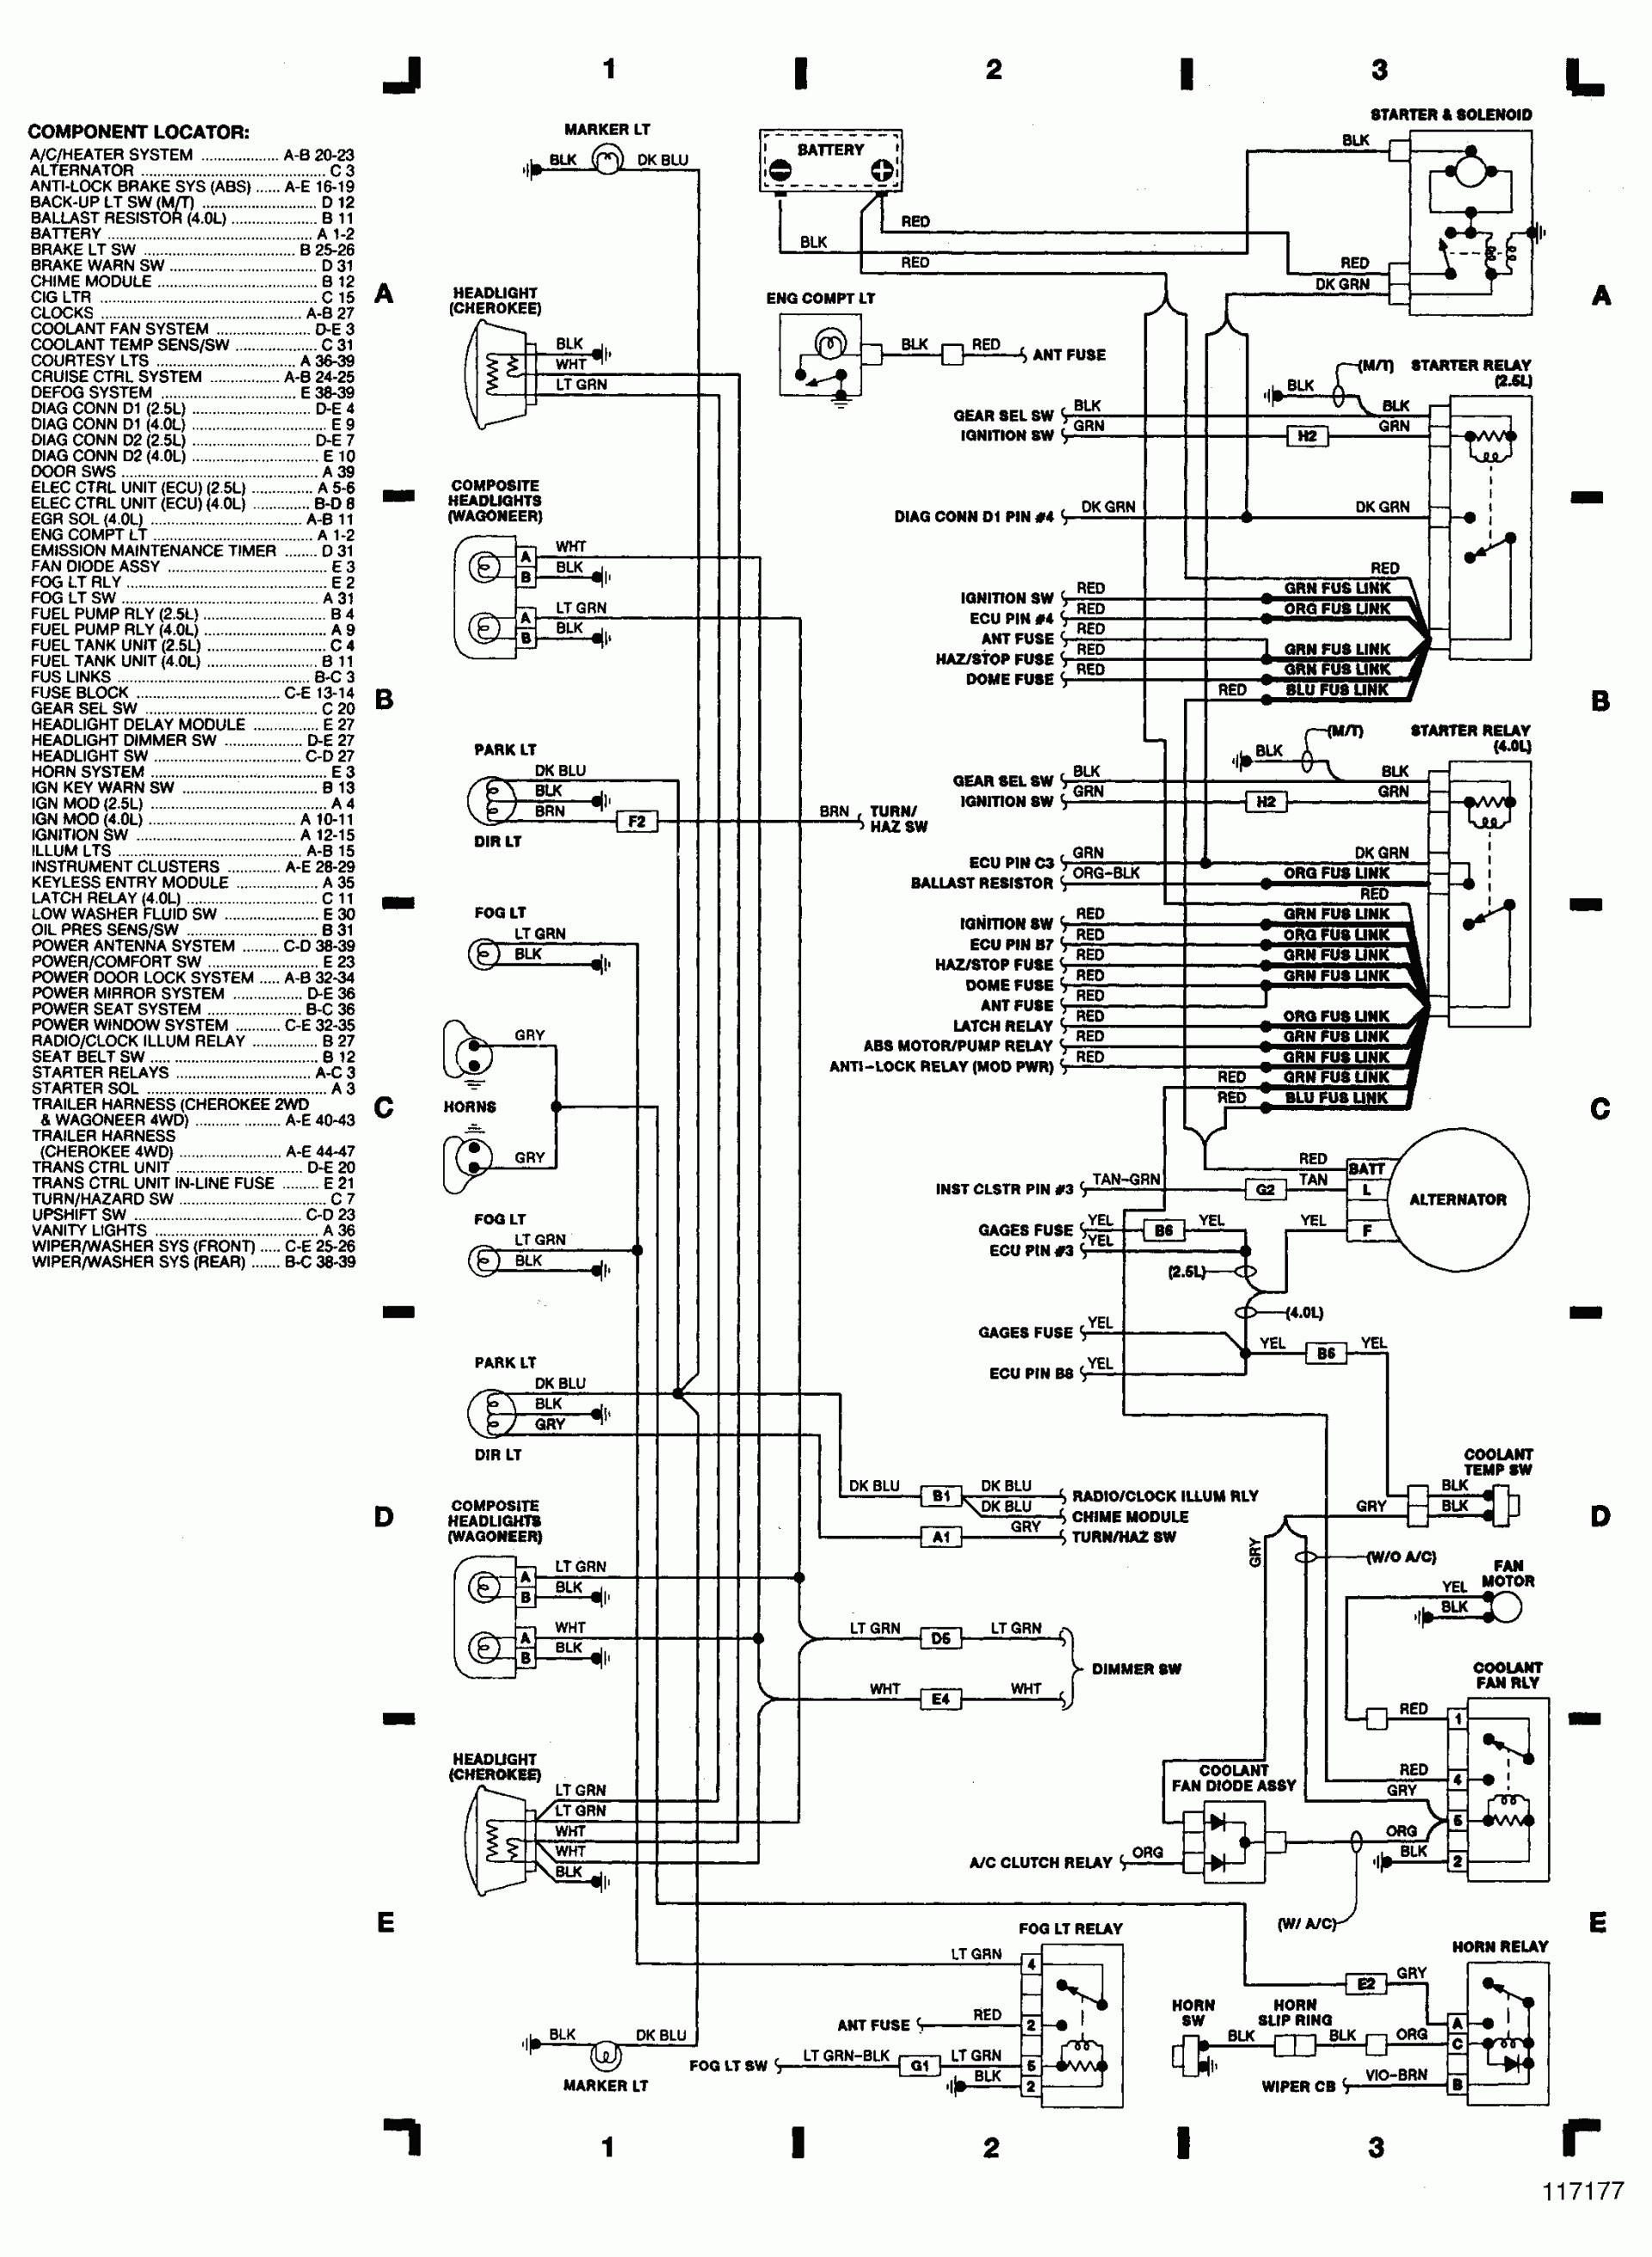 John Deere 345 Wiring Schematic 55c0 John Deere Stereo Wiring Diagram Of John Deere 345 Wiring Schematic